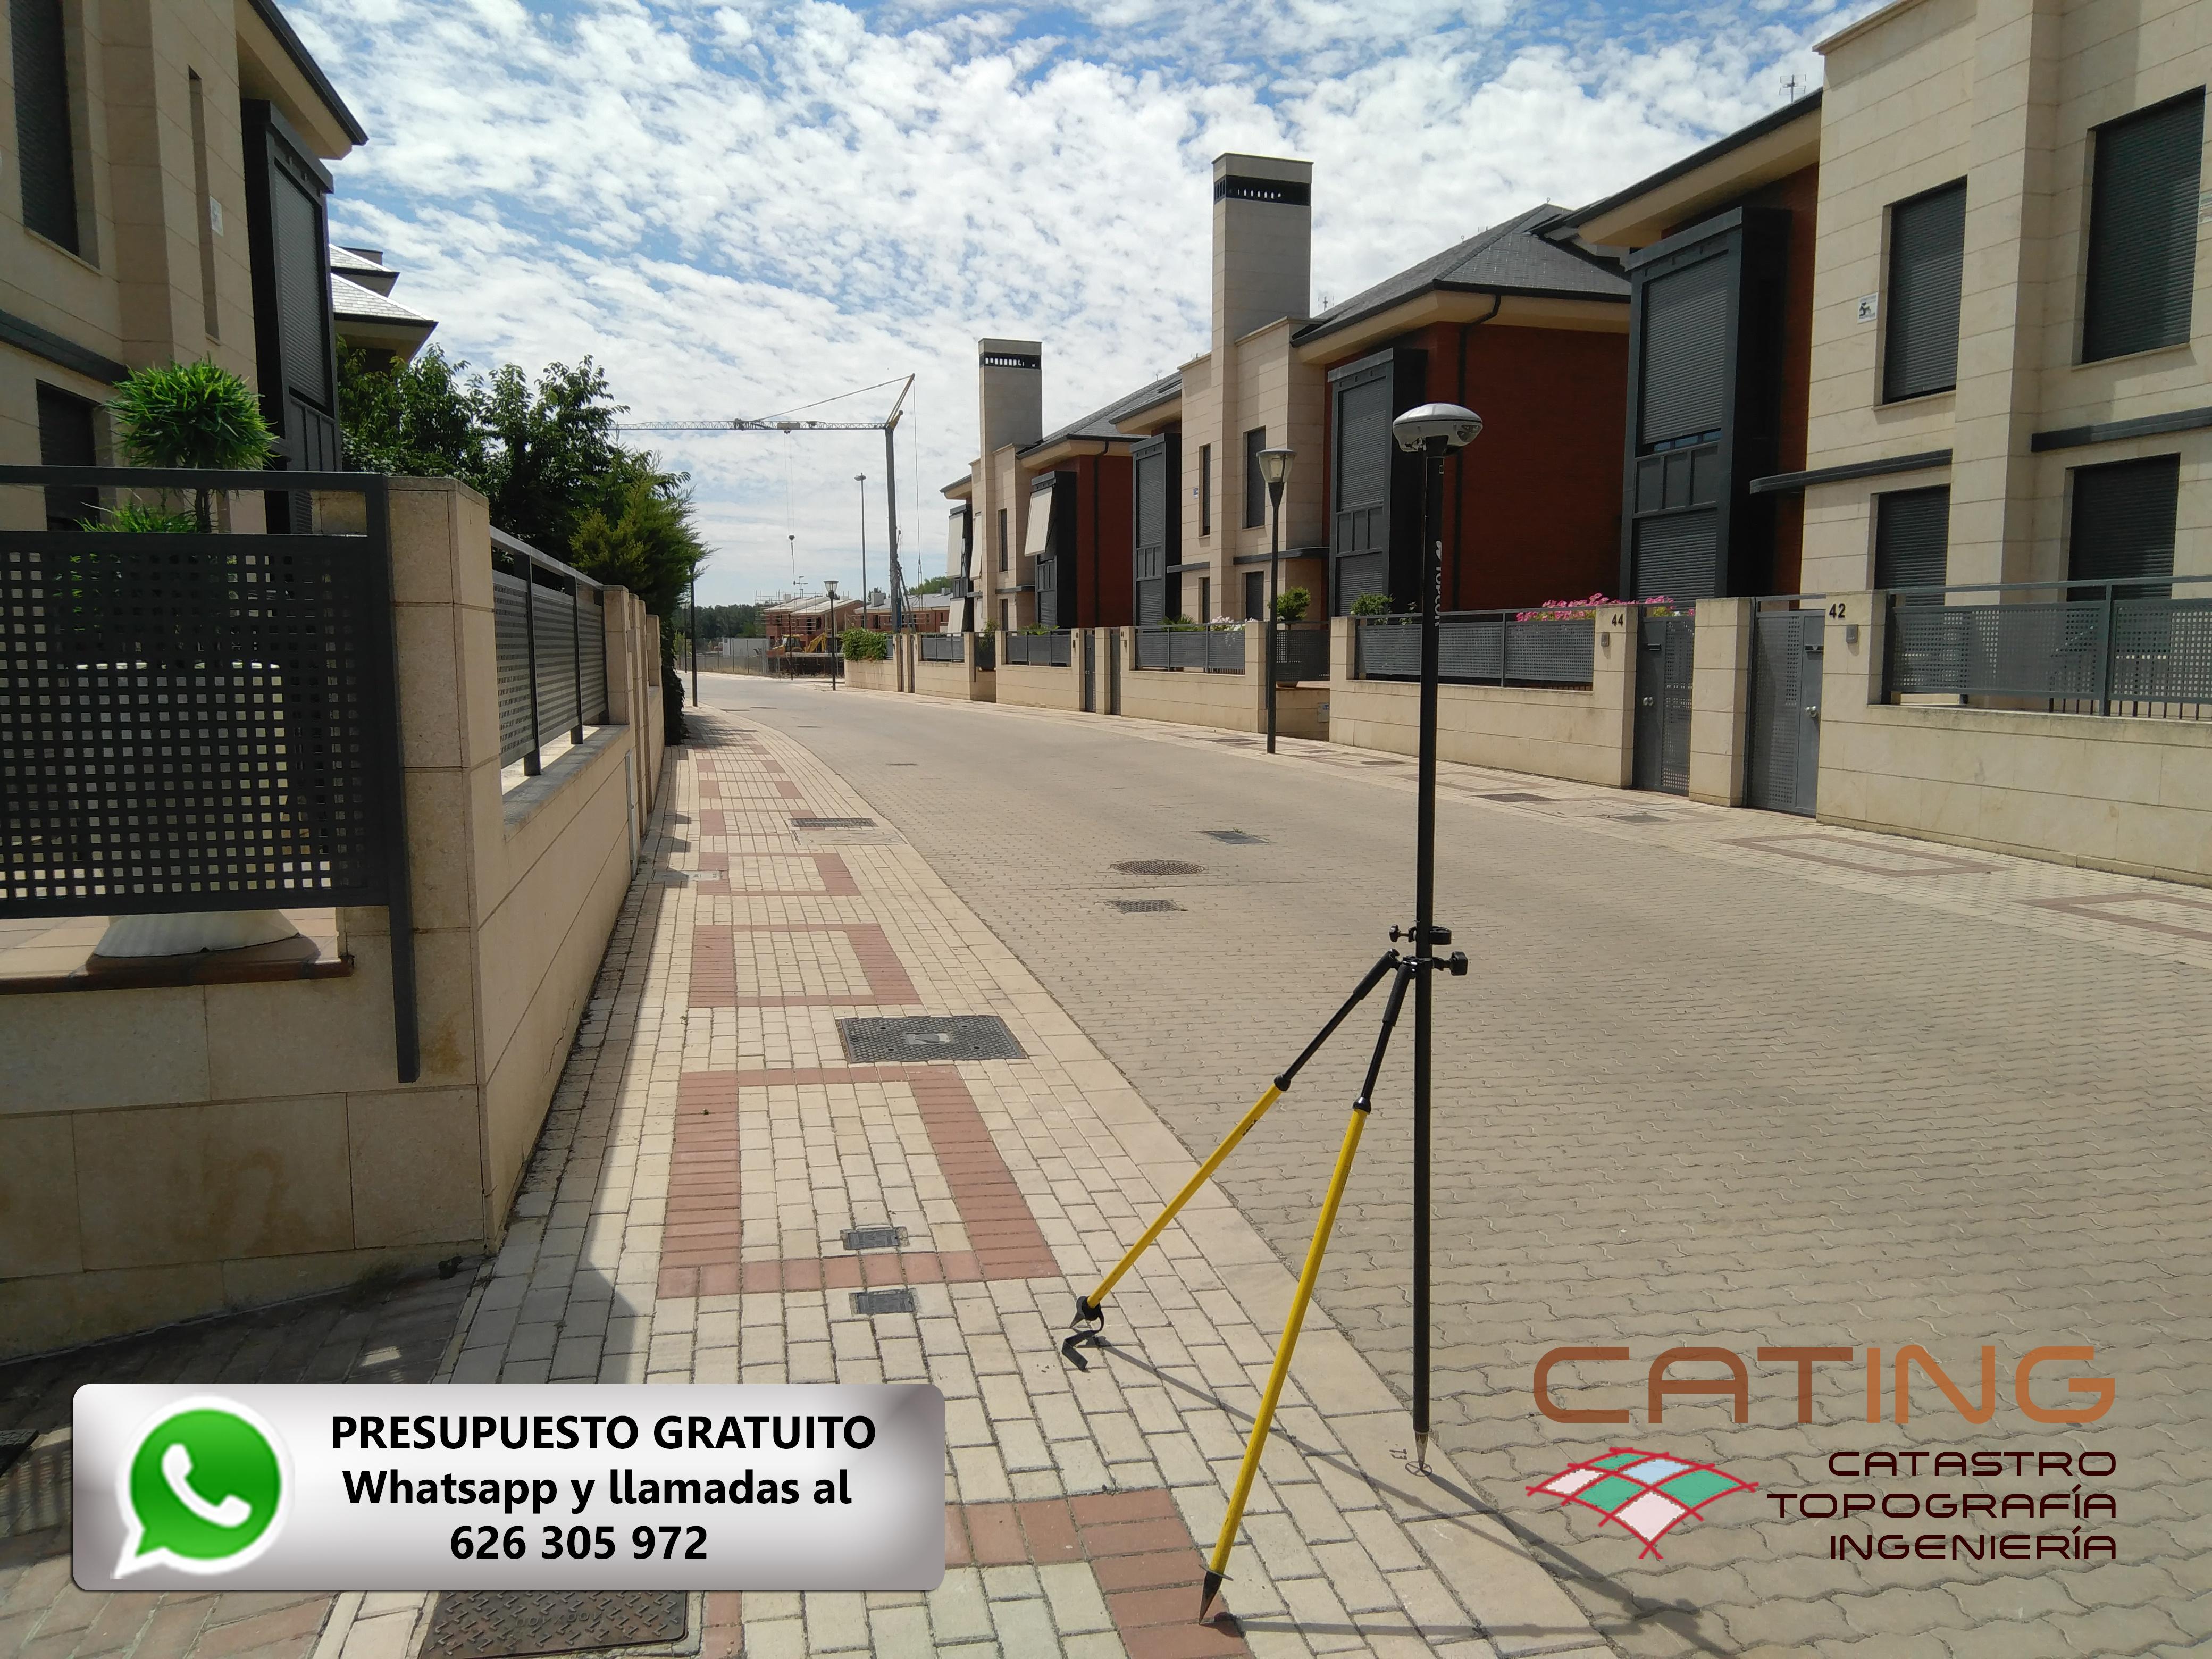 Medición topográfica de parcela en Palencia. CATING Catastro Topografia e Ingeniería.